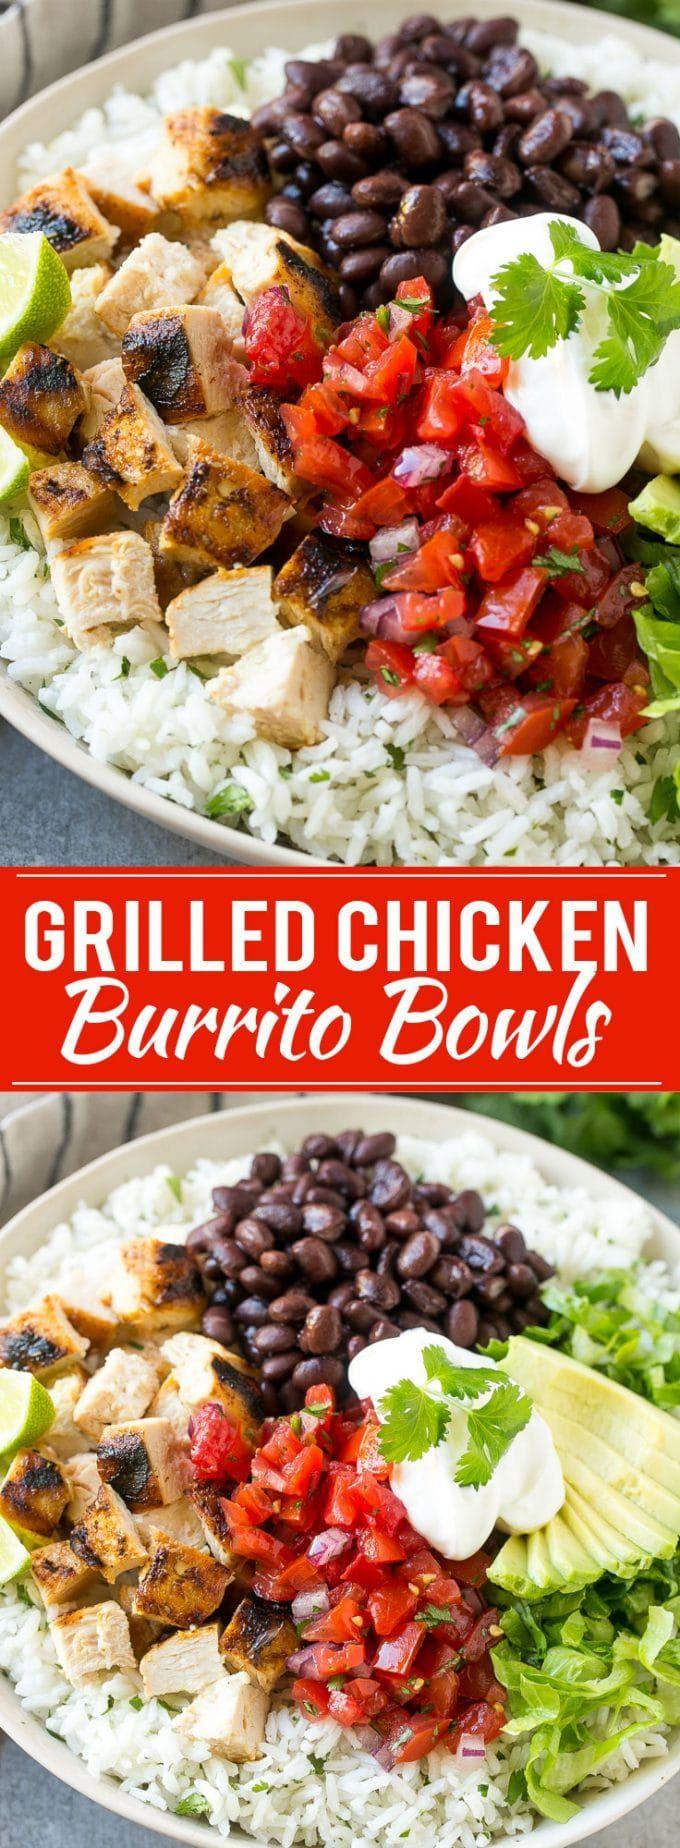 Chicken Burrito Bowls Recipe   Grilled Chicken Recipe   Burrito Bowl   Mexican Chicken via @dinneratthezoo